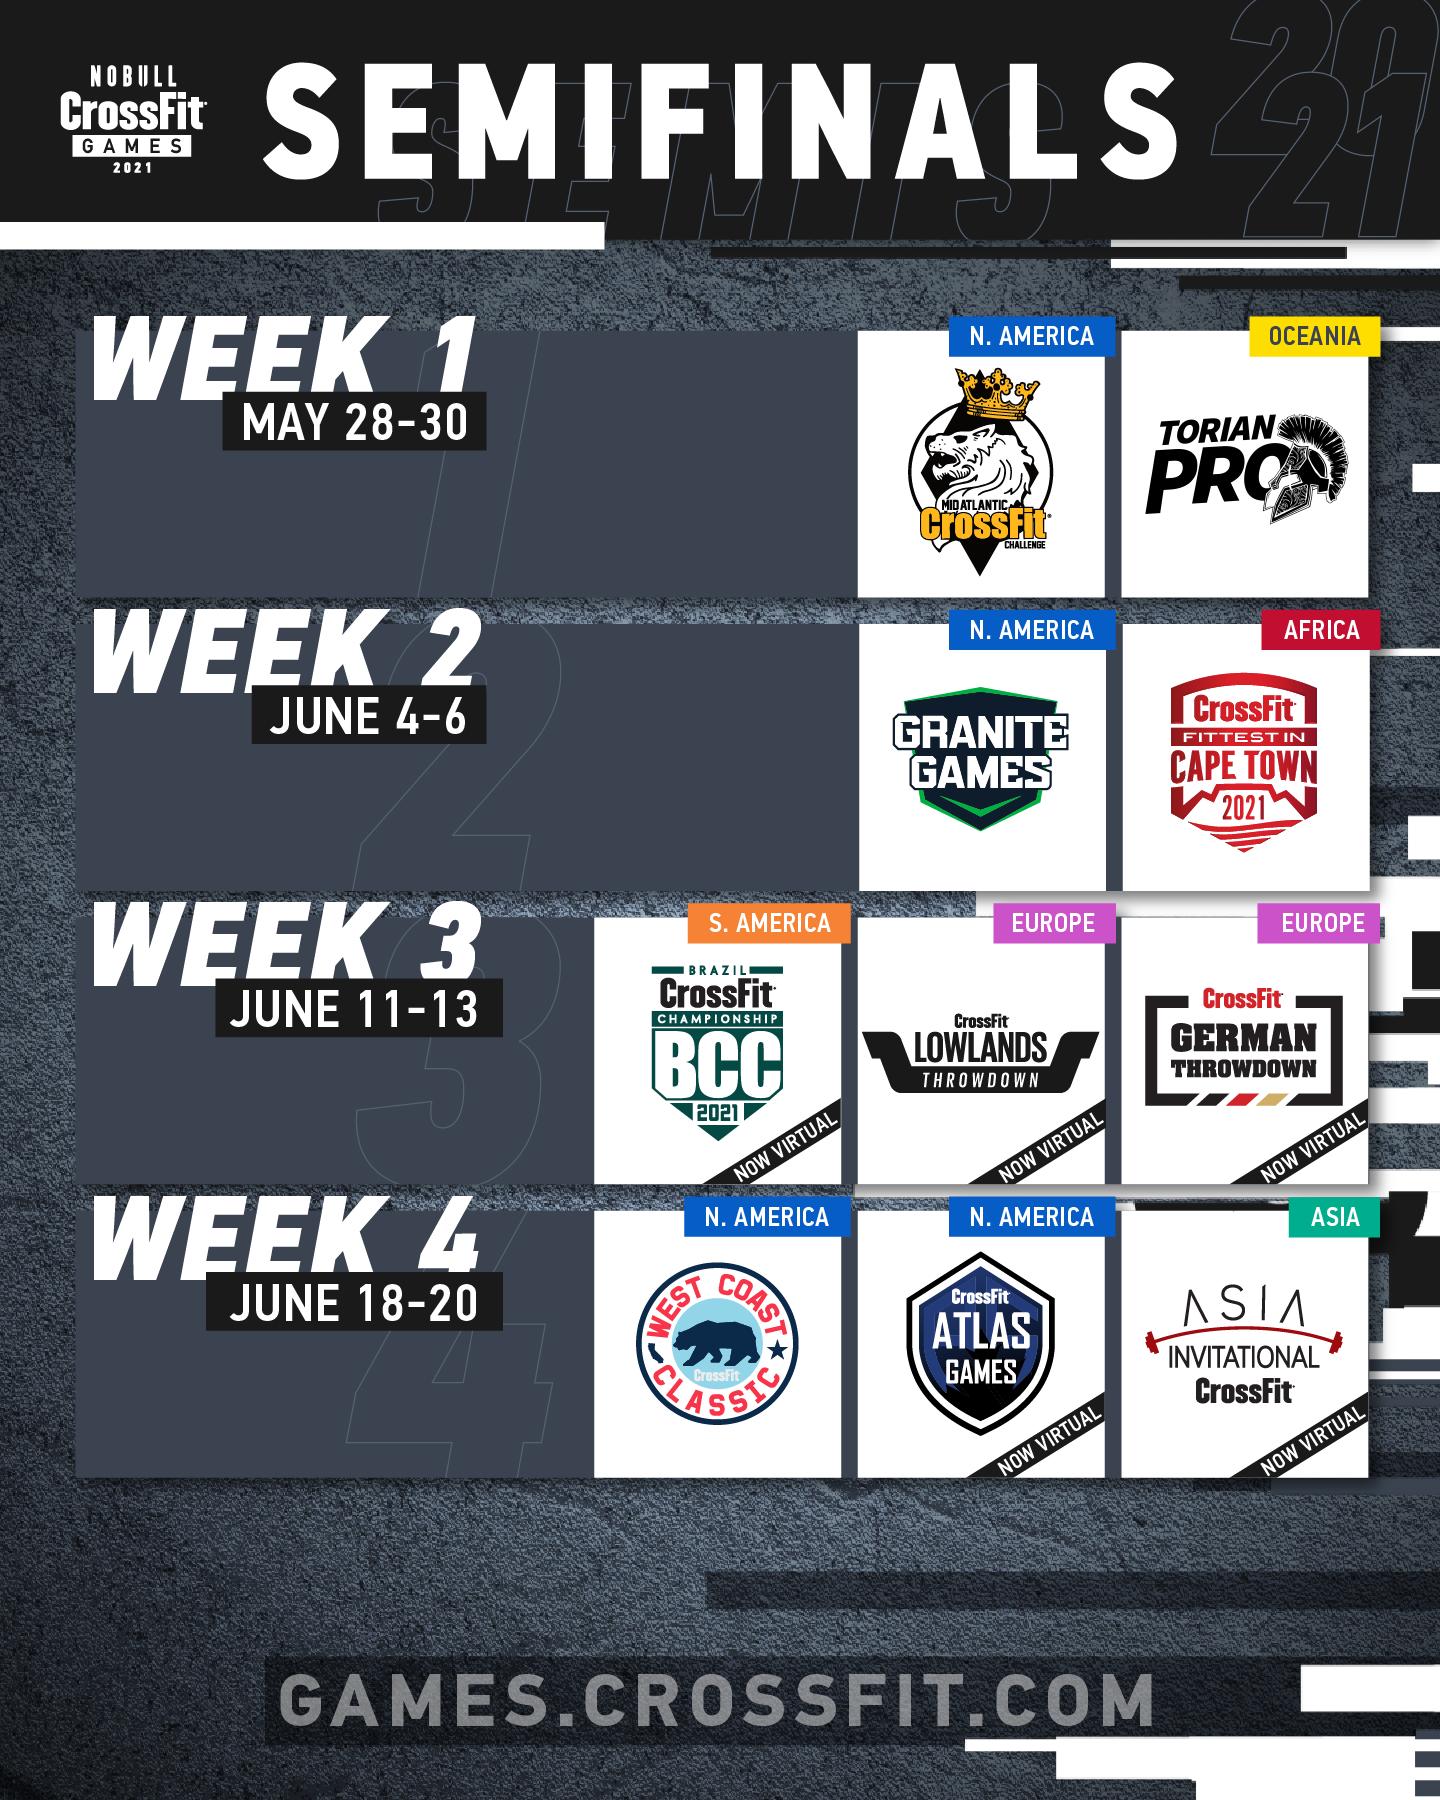 Semifinals Schedule - CrossFit Games